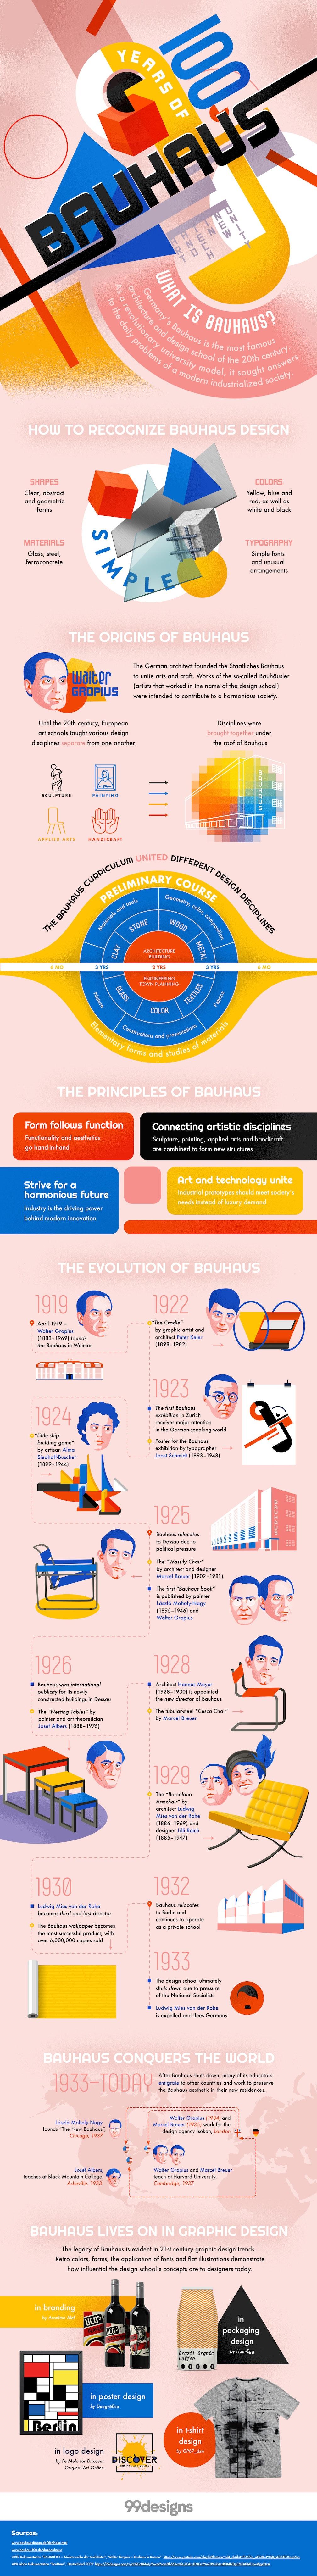 Bauhaus inforgraphic